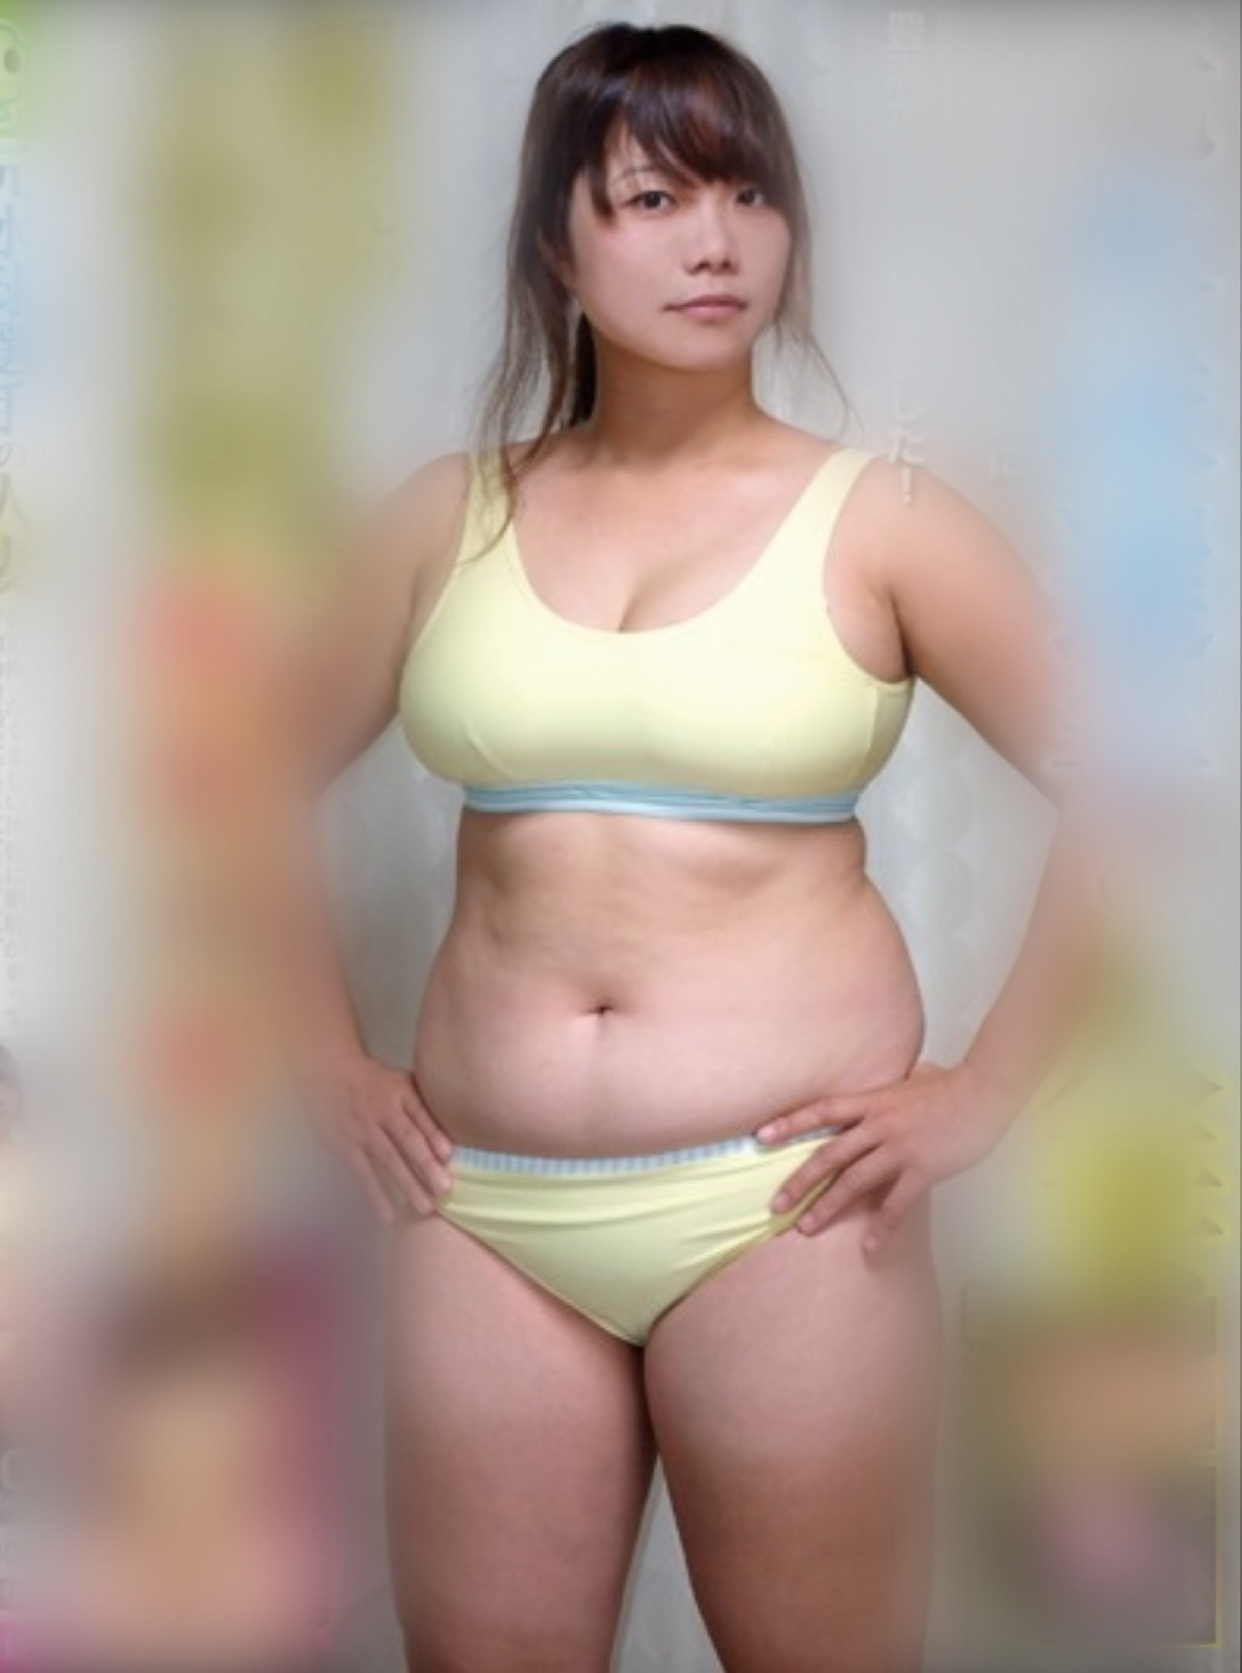 【画像】顔60点、体10点の女の子がこちらwww